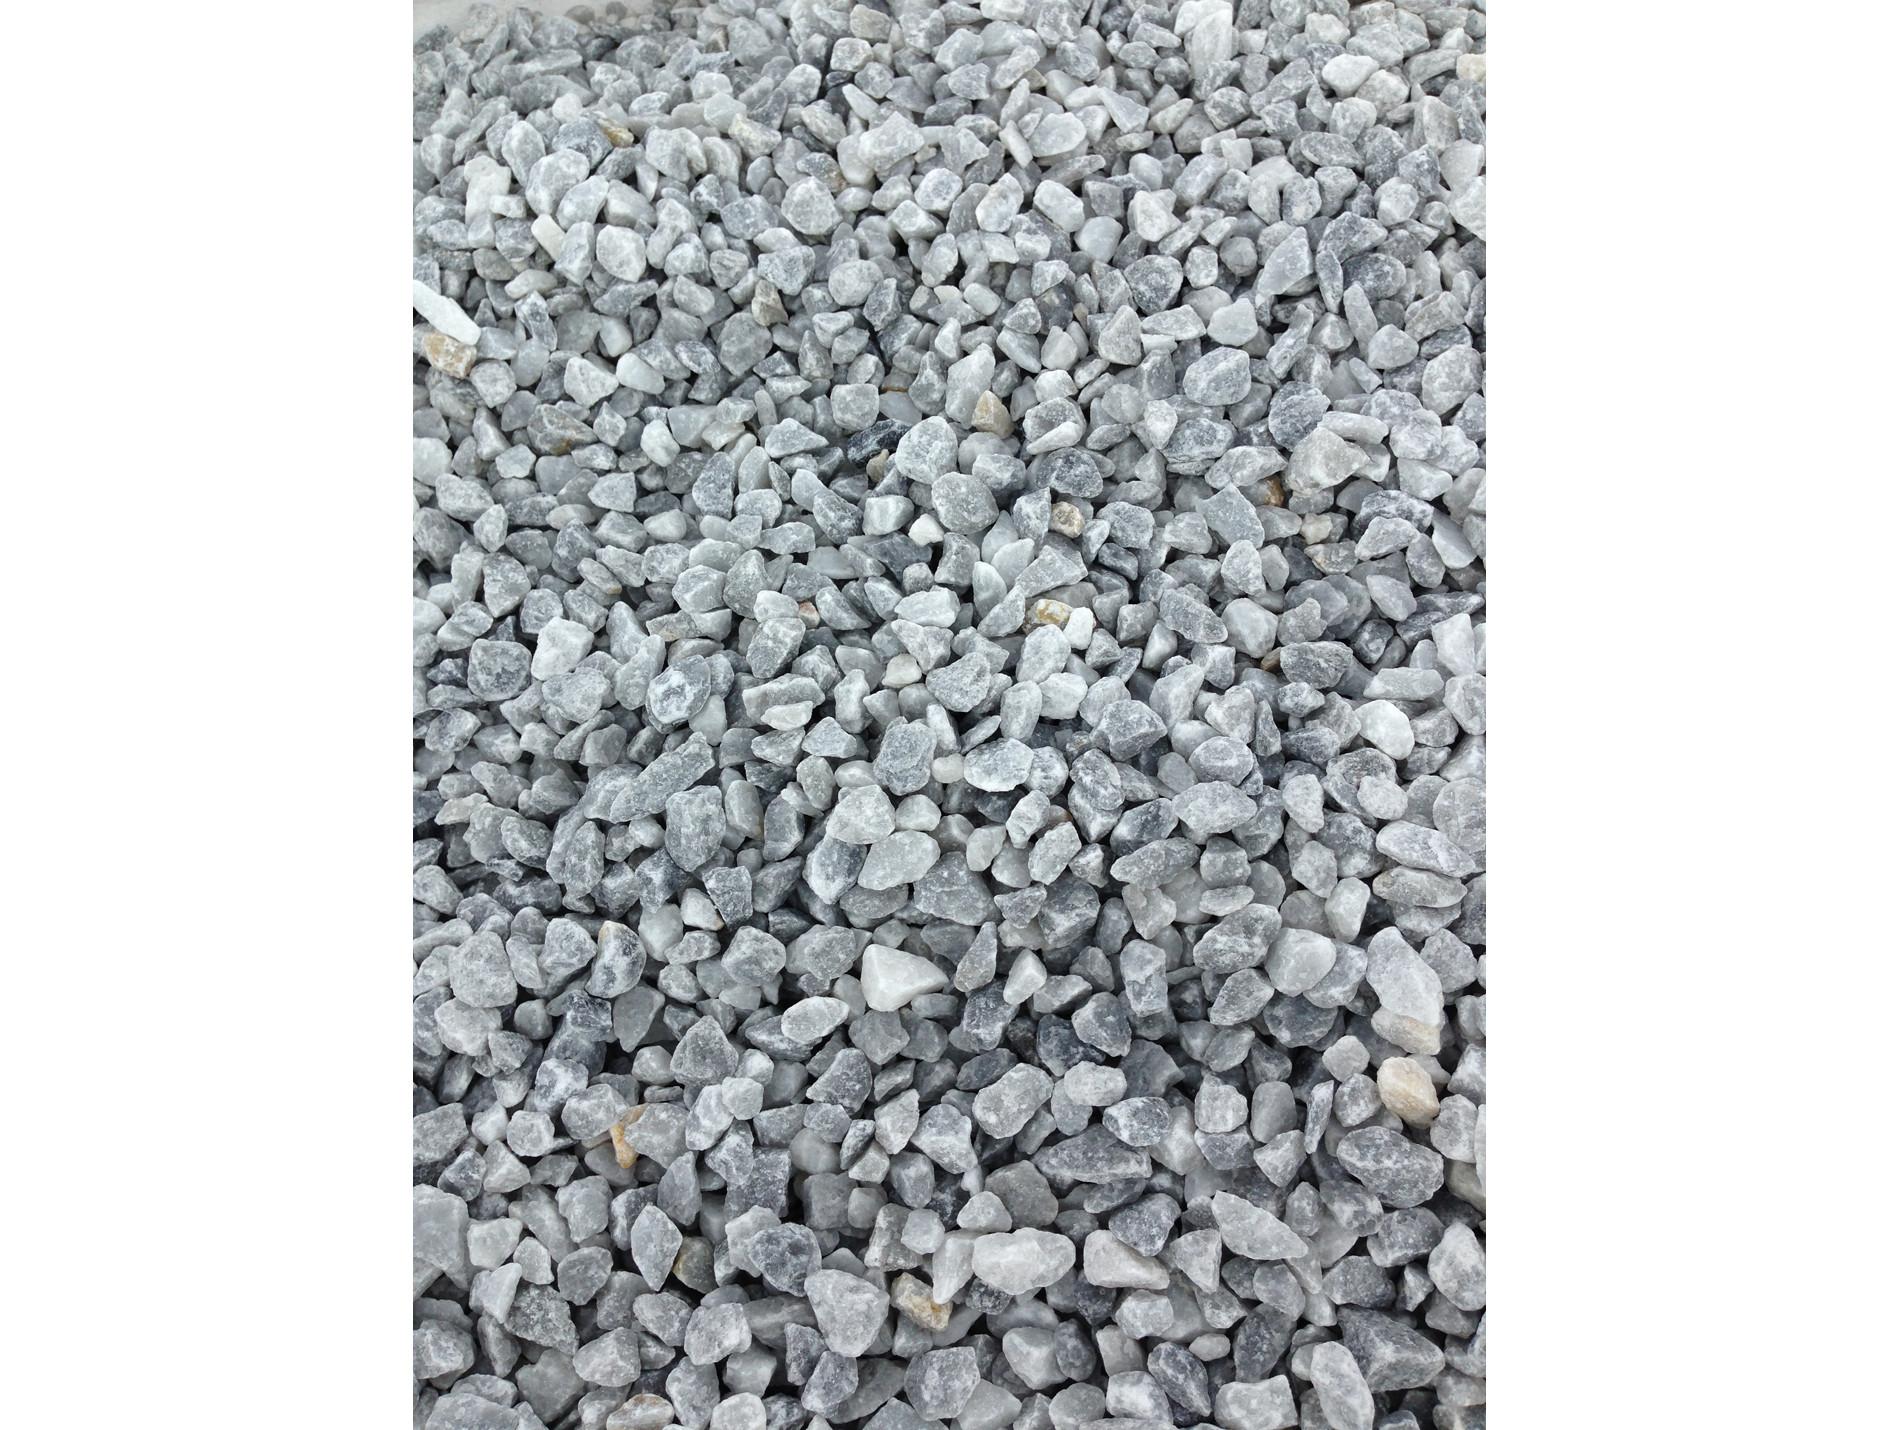 Amenagement Exterieur Galet Blanc gravillon marbre blanc bleuté 8/16 375kg - gravier, galet